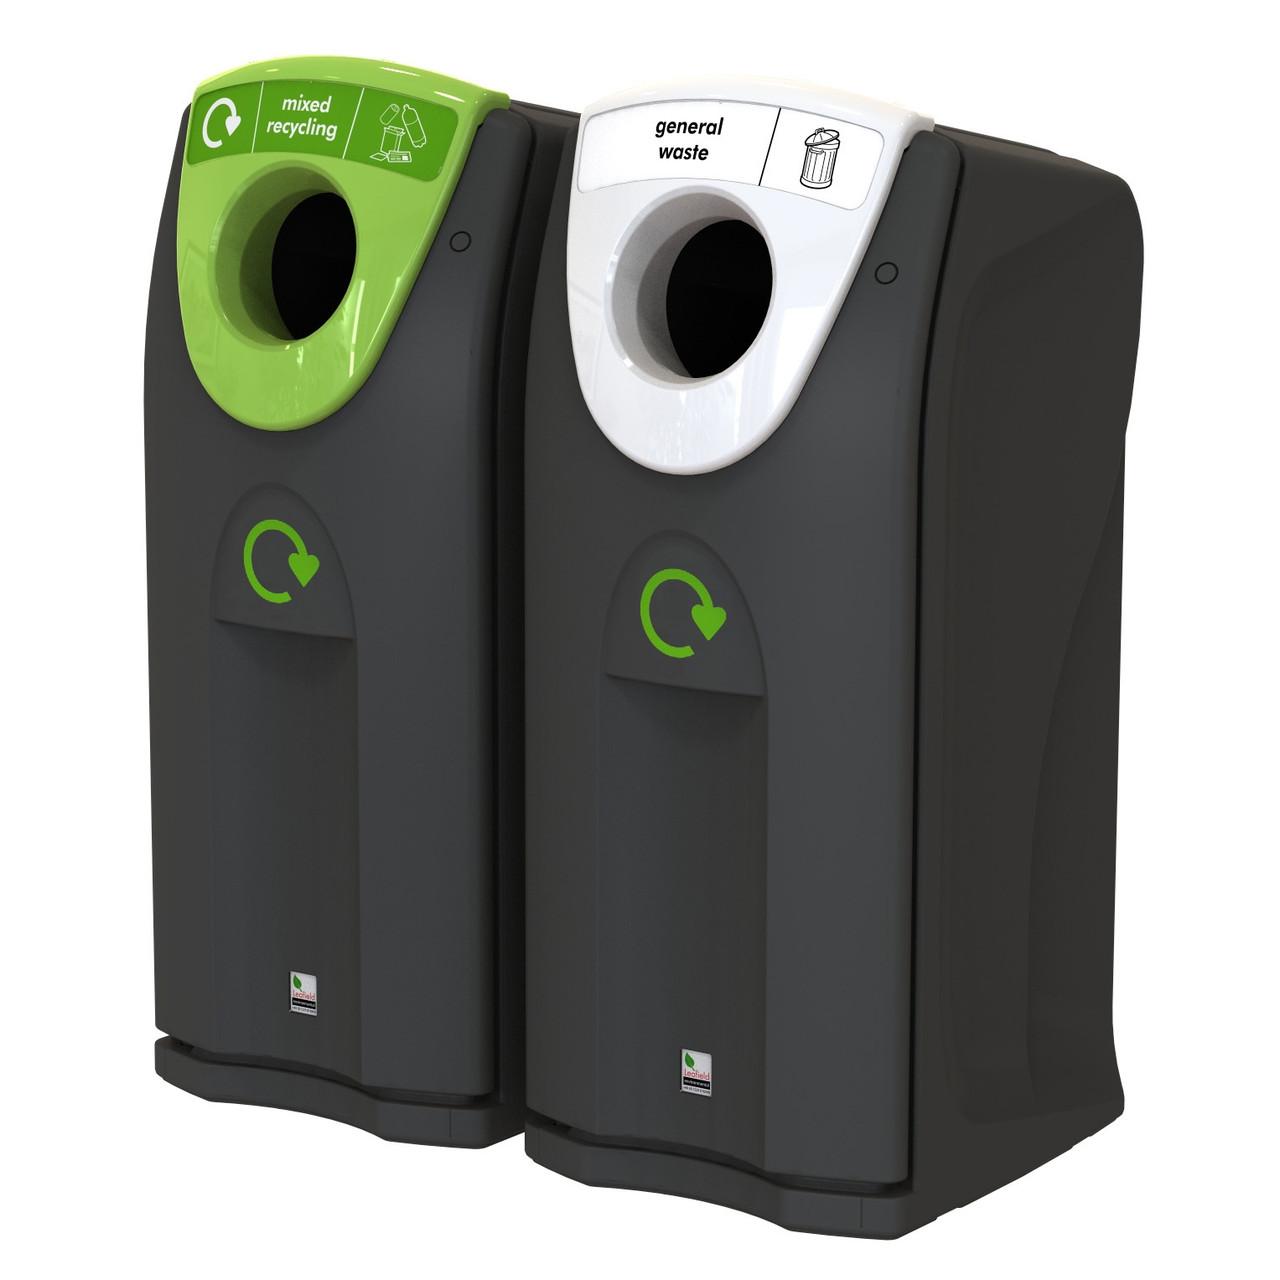 Maxi enviro recycling bin 140L